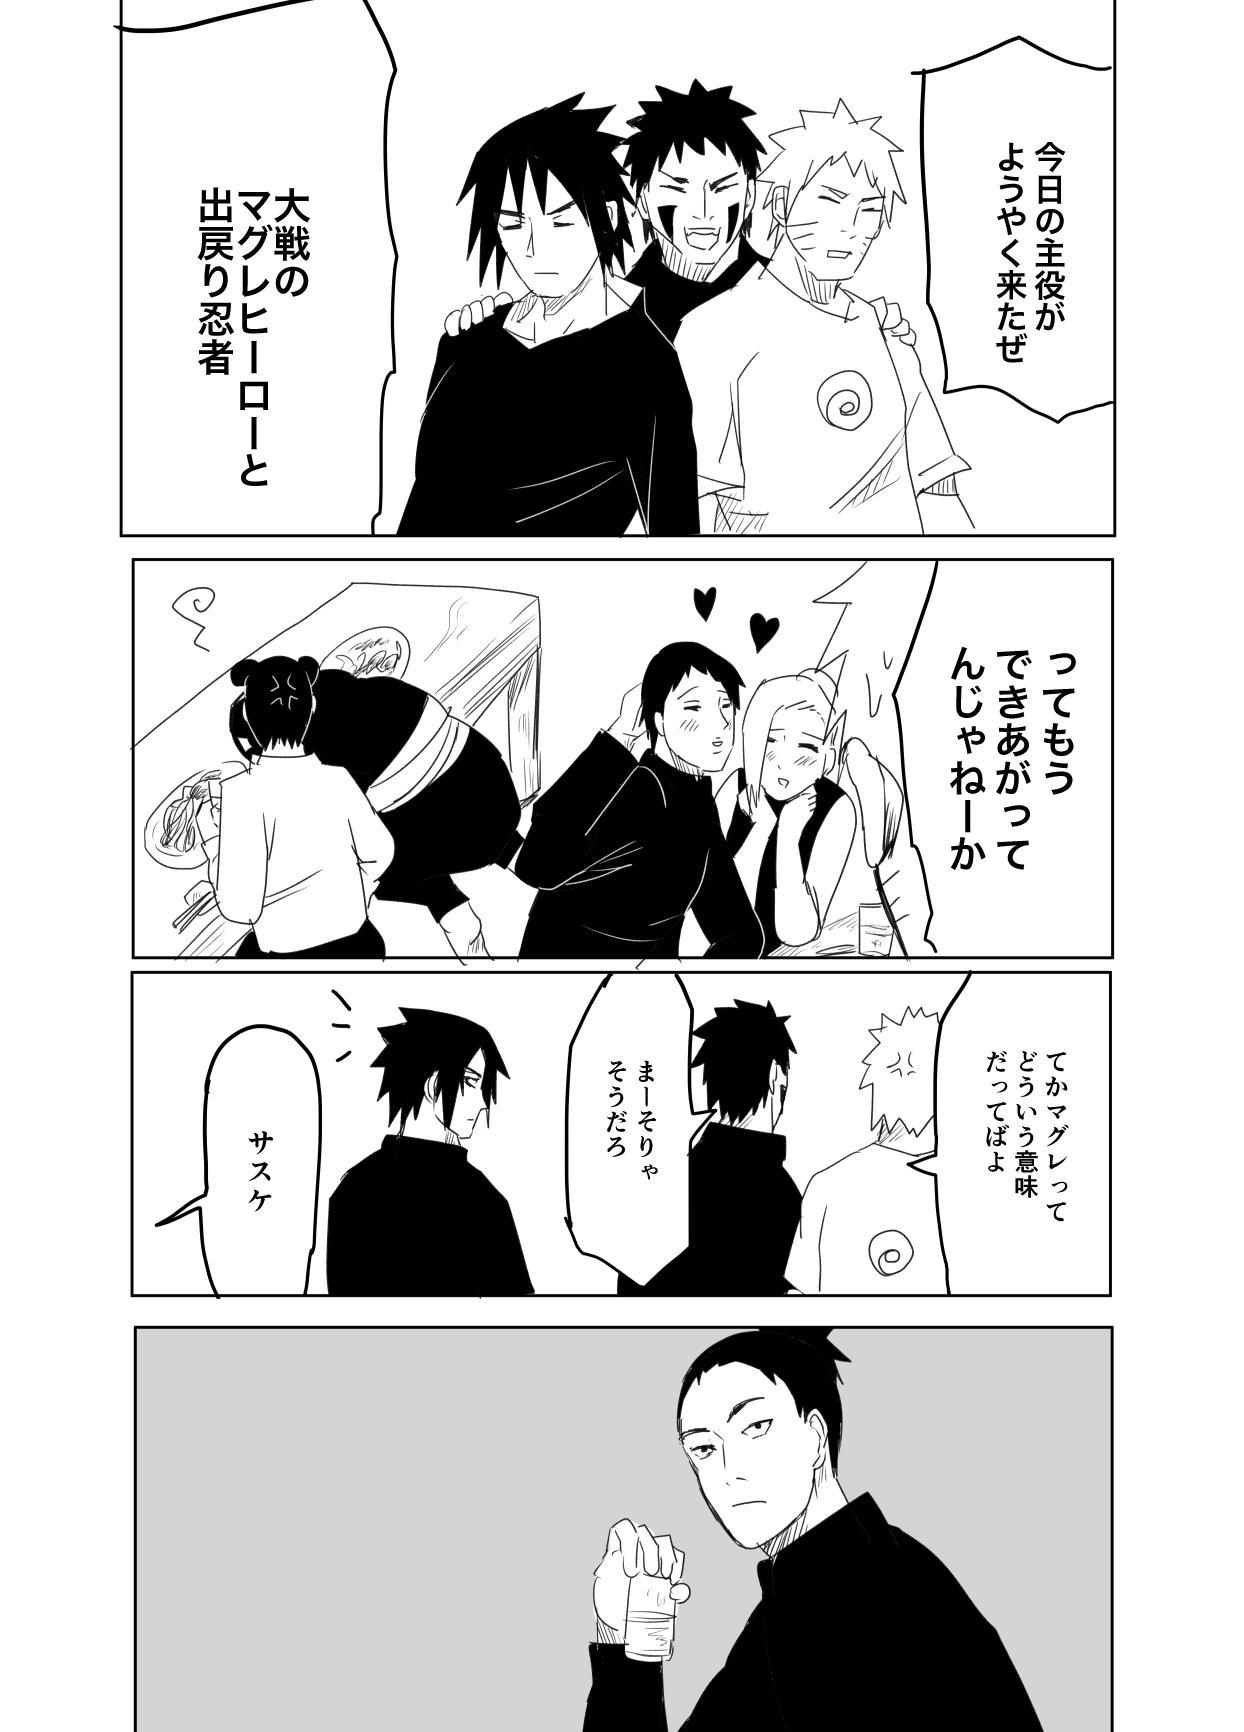 嘘告白漫画 7